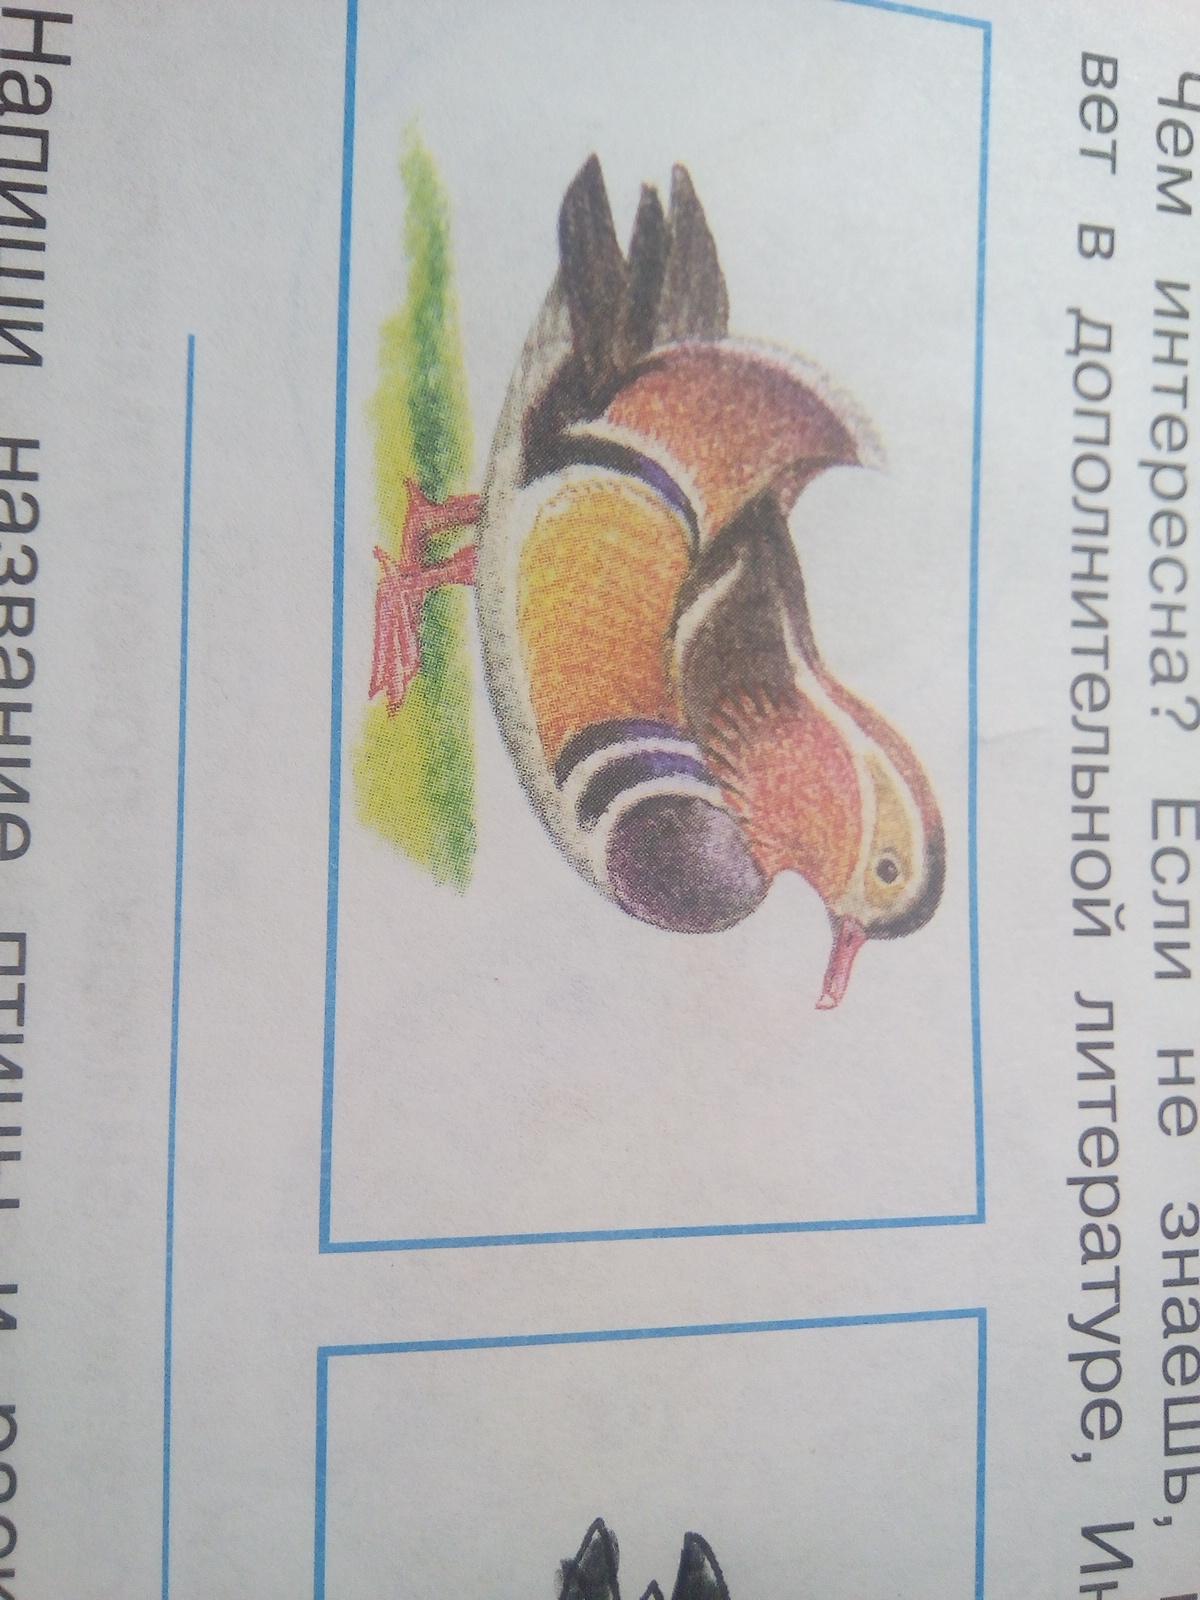 Как называется птица???!??!?!?!?!!!!??!?!!!